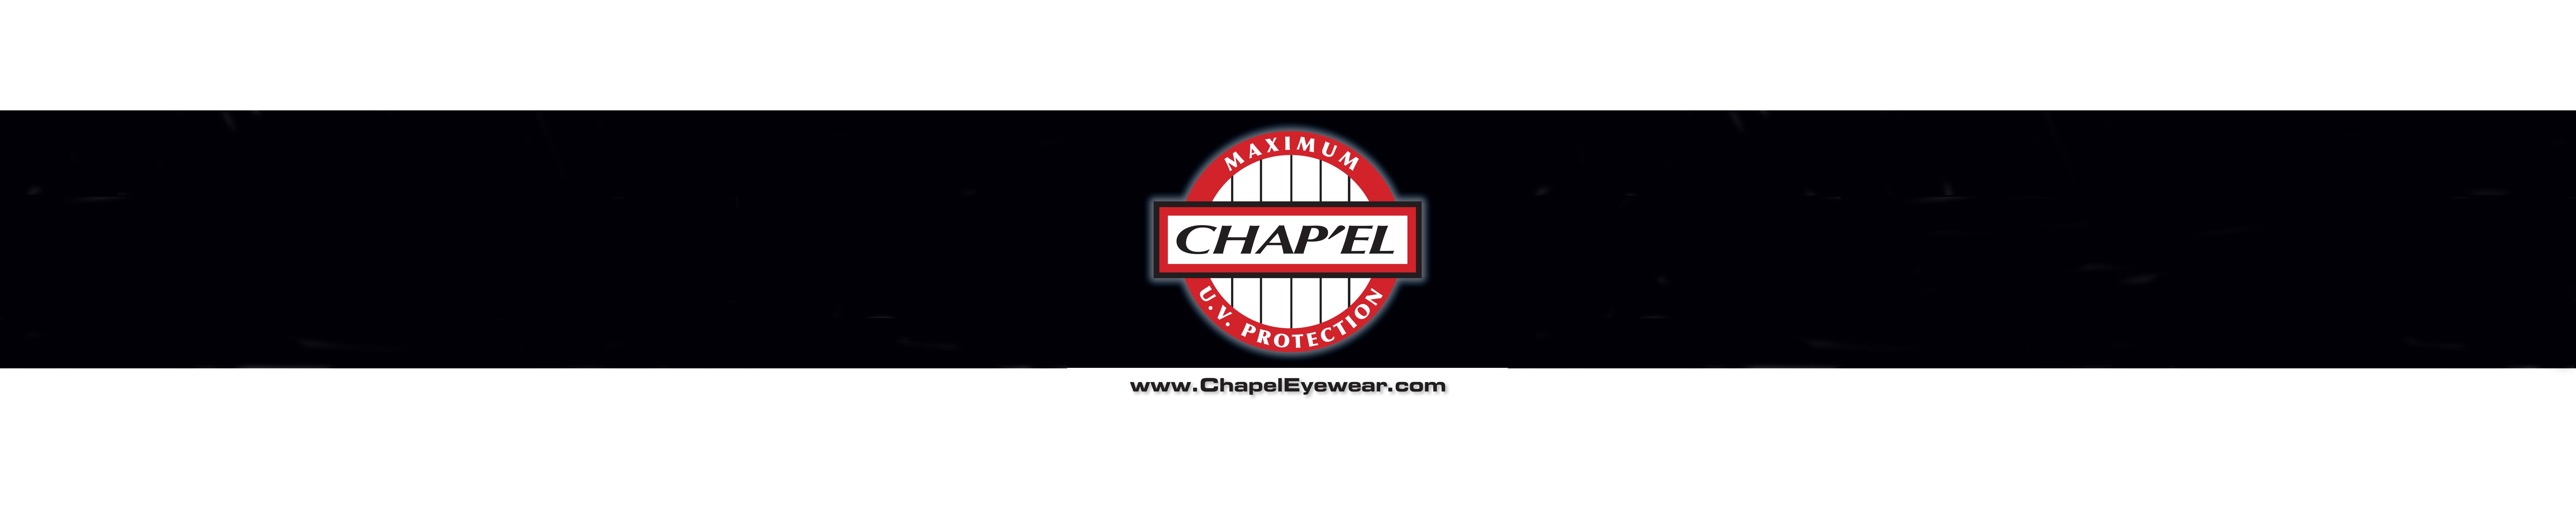 Chap'el Eyewear